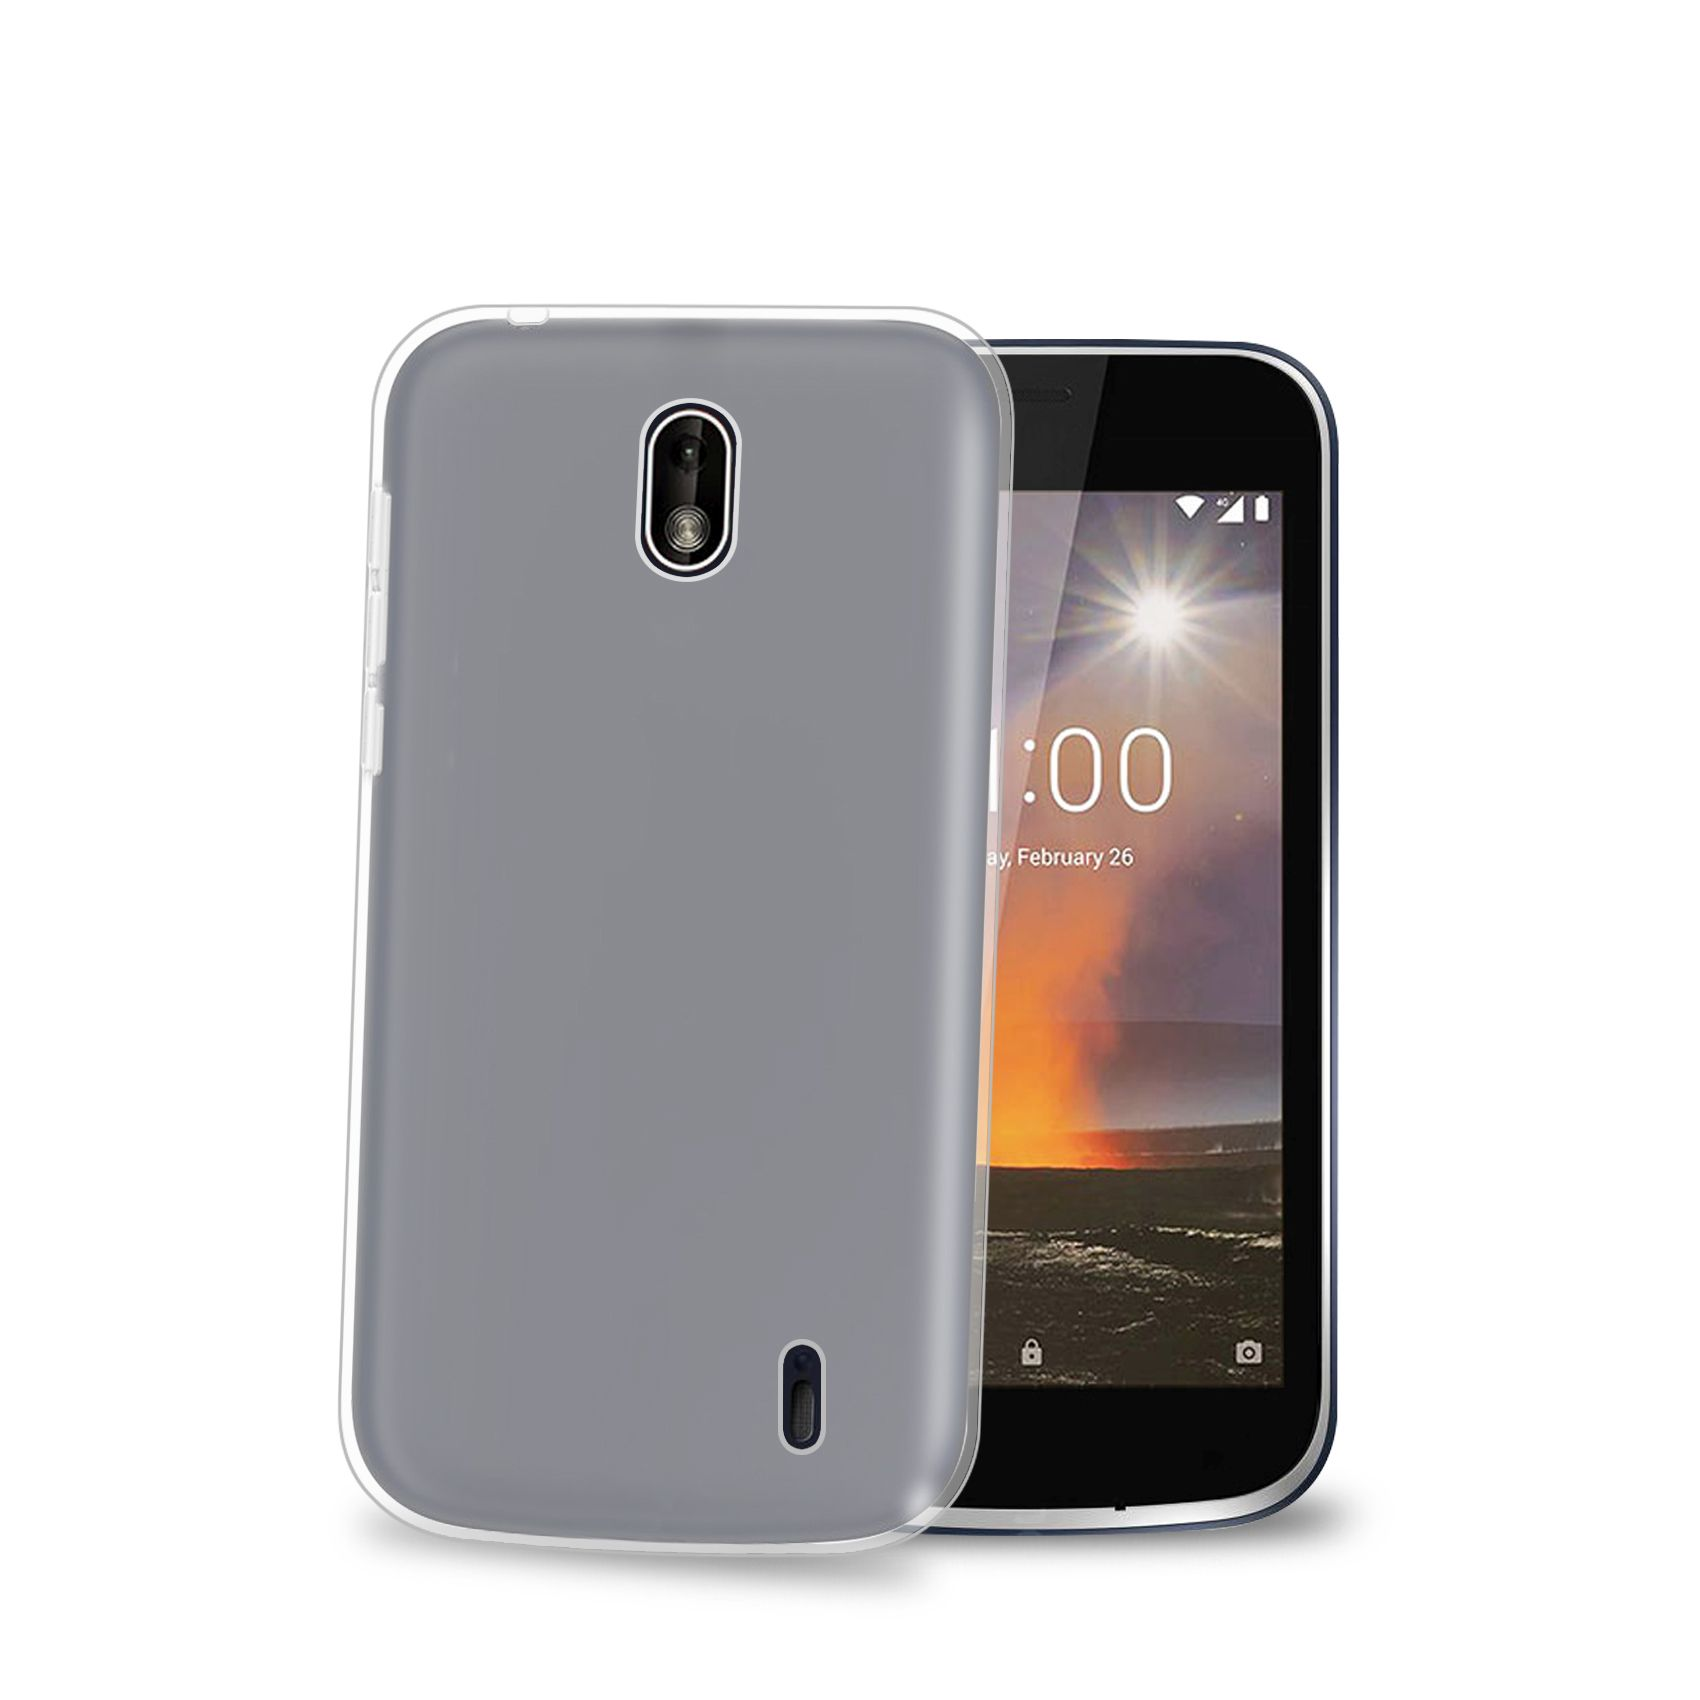 TPU pouzdro CELLY Gelskin pro Nokia 1, bezbarvé